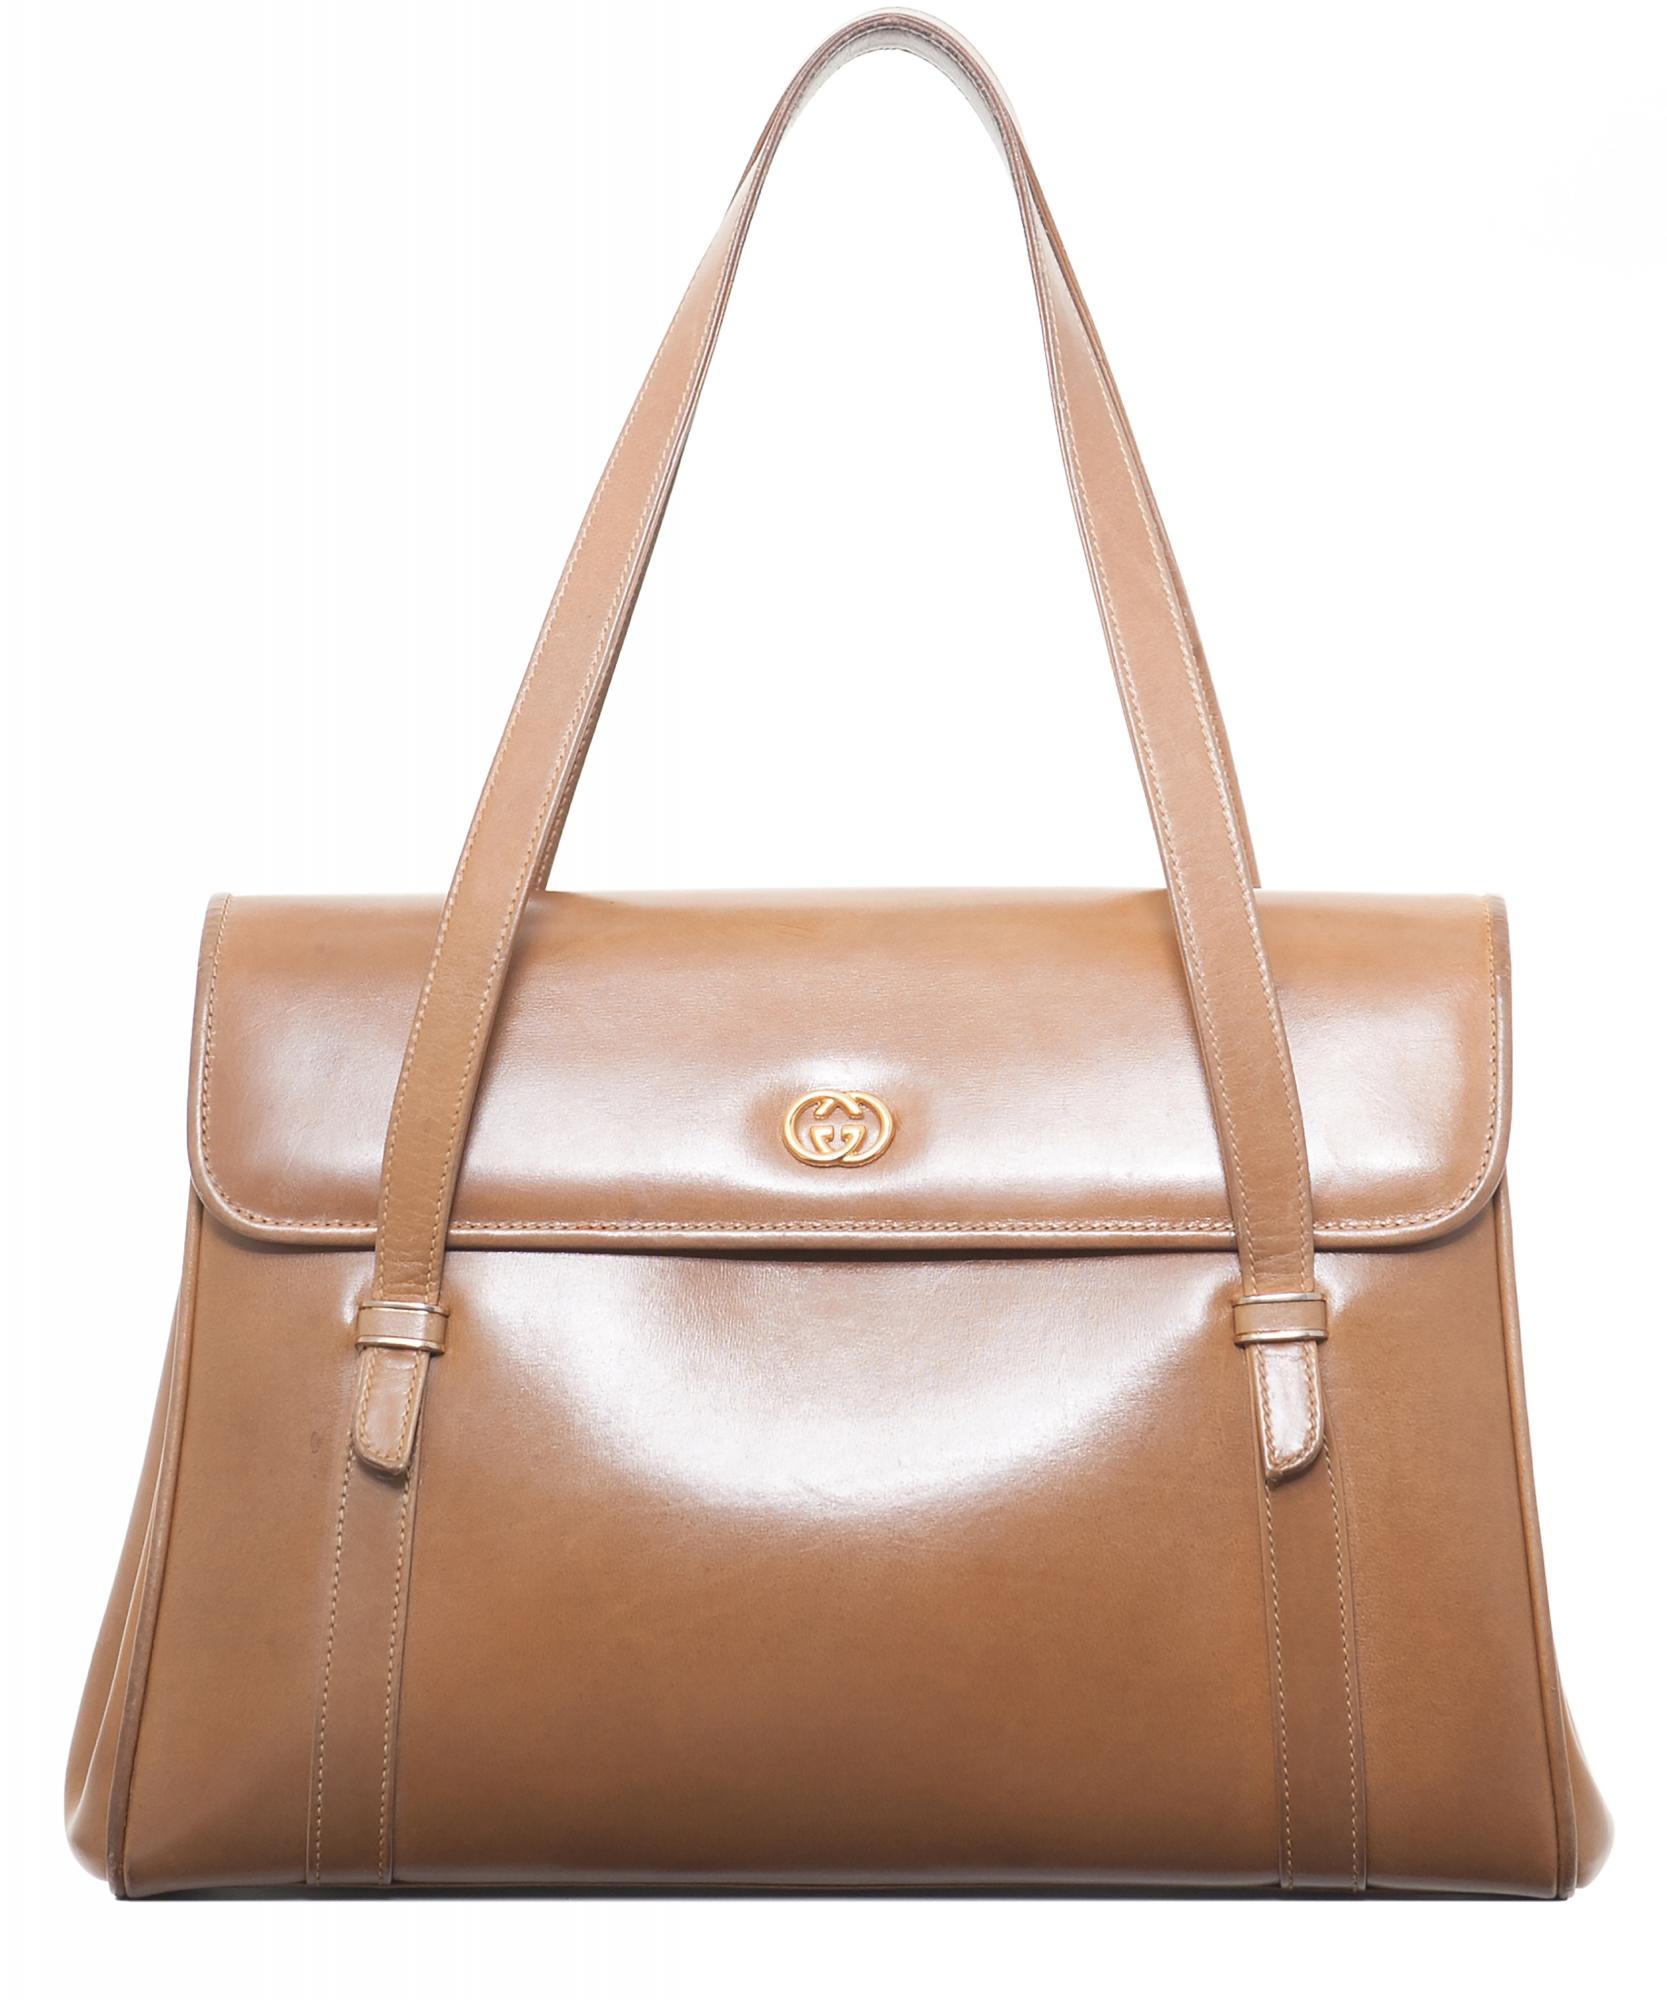 5658ef89f7f Vintage Gucci Brown Leather Shoulder Bag